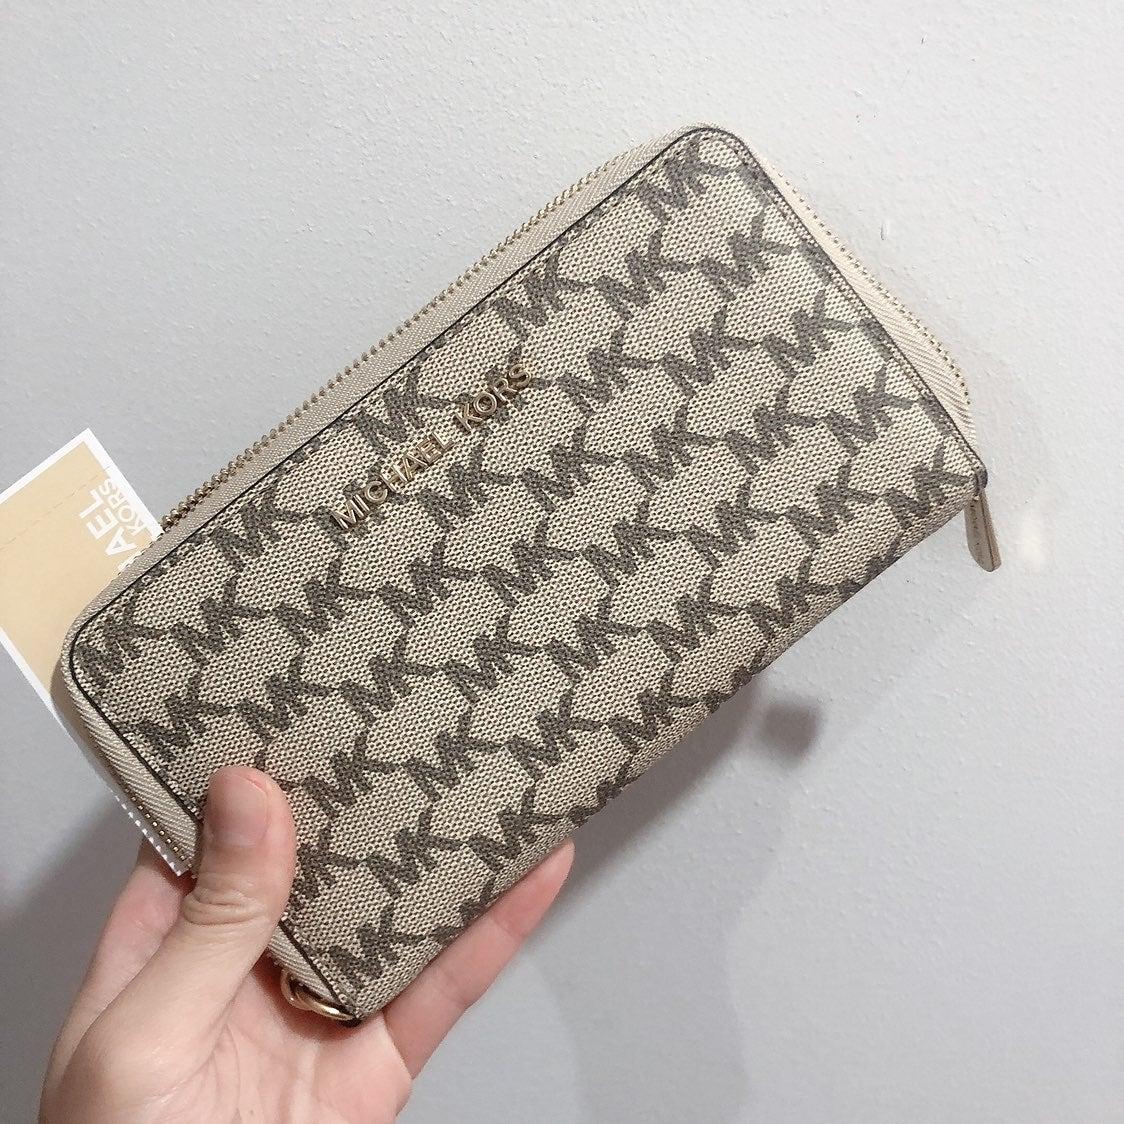 Michael Kors crossbody bag for women